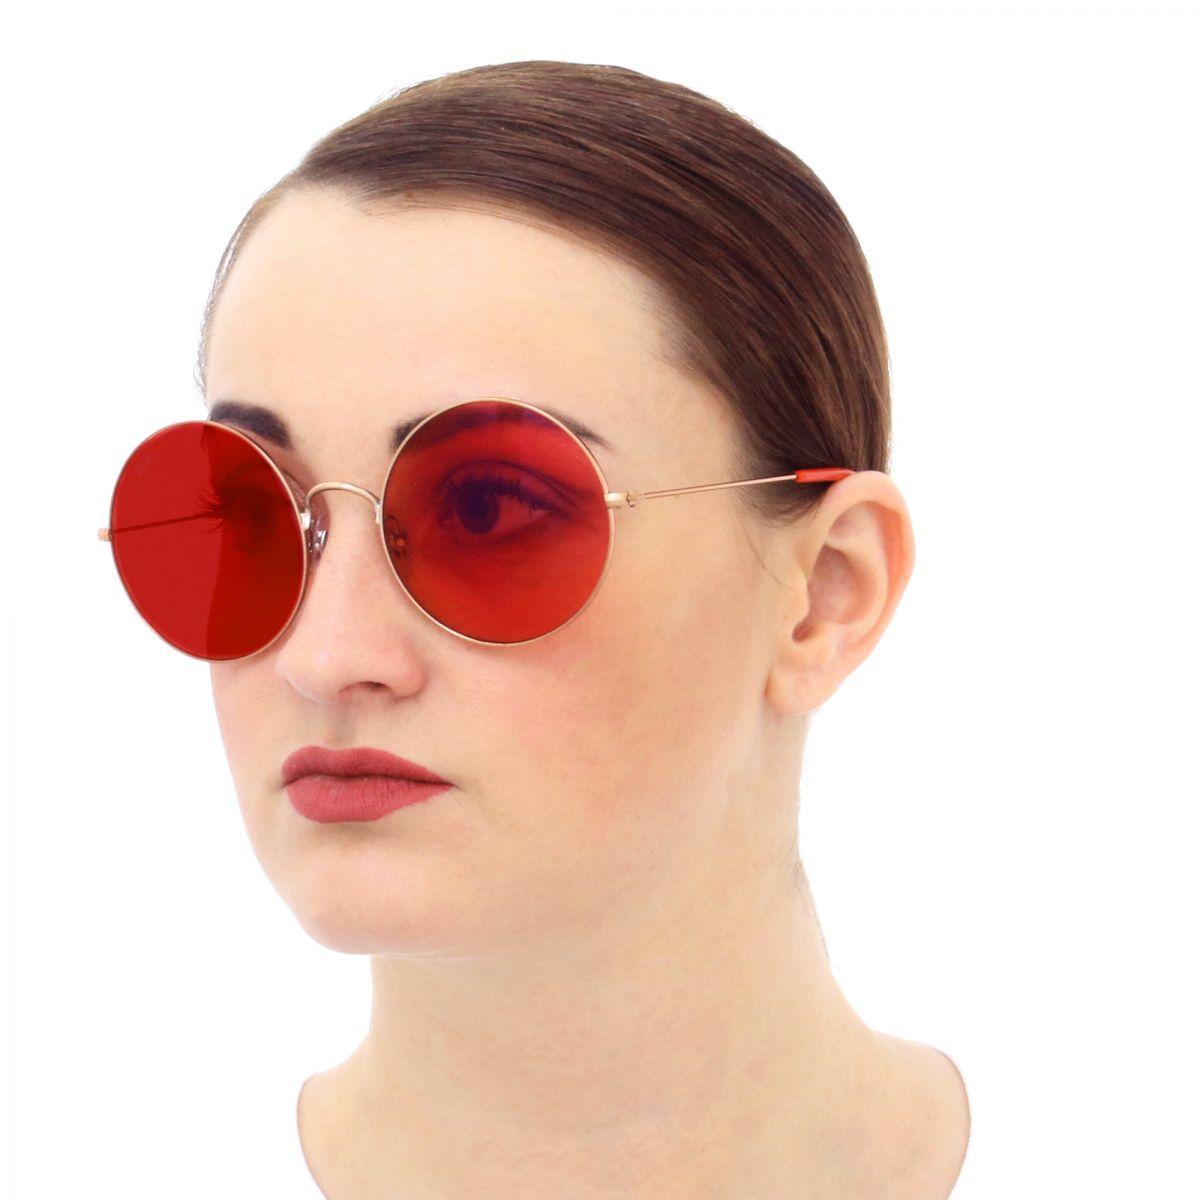 8c01214898b10 Lunettes de soleil Femme Ray-Ban Sunglasses RB3592-9035C8-55